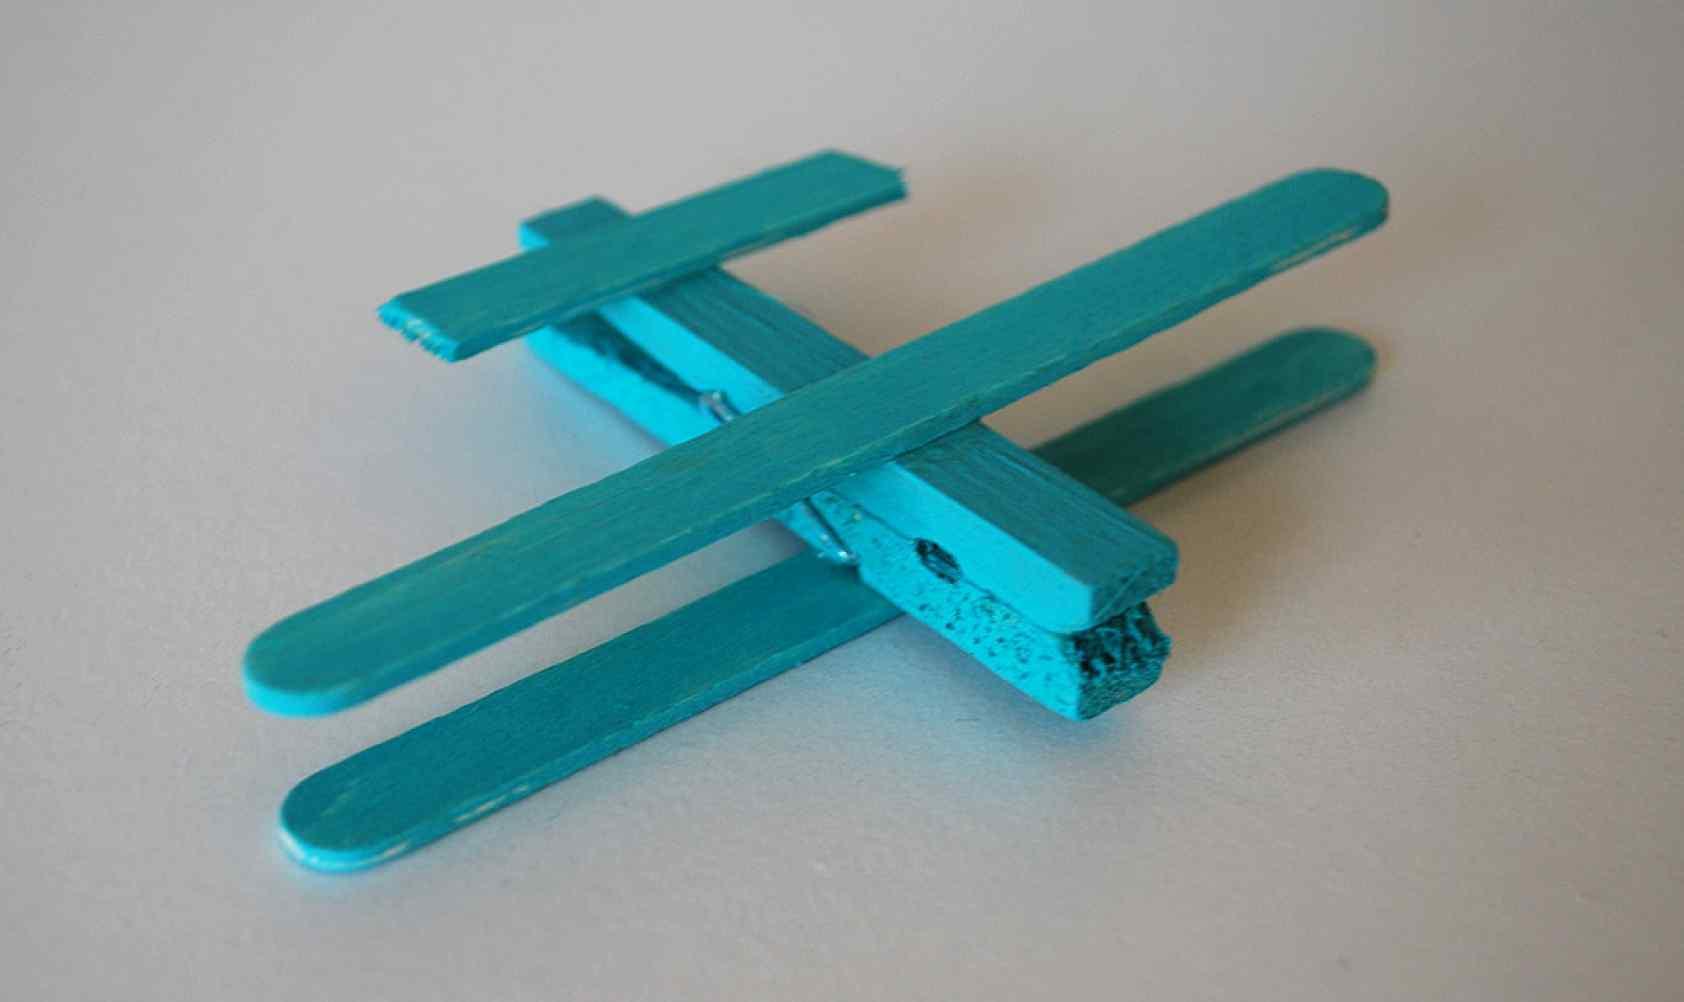 Поделку самолетик из прищепки и палочек от мороженного к 23 февраля легко сделать своими руками